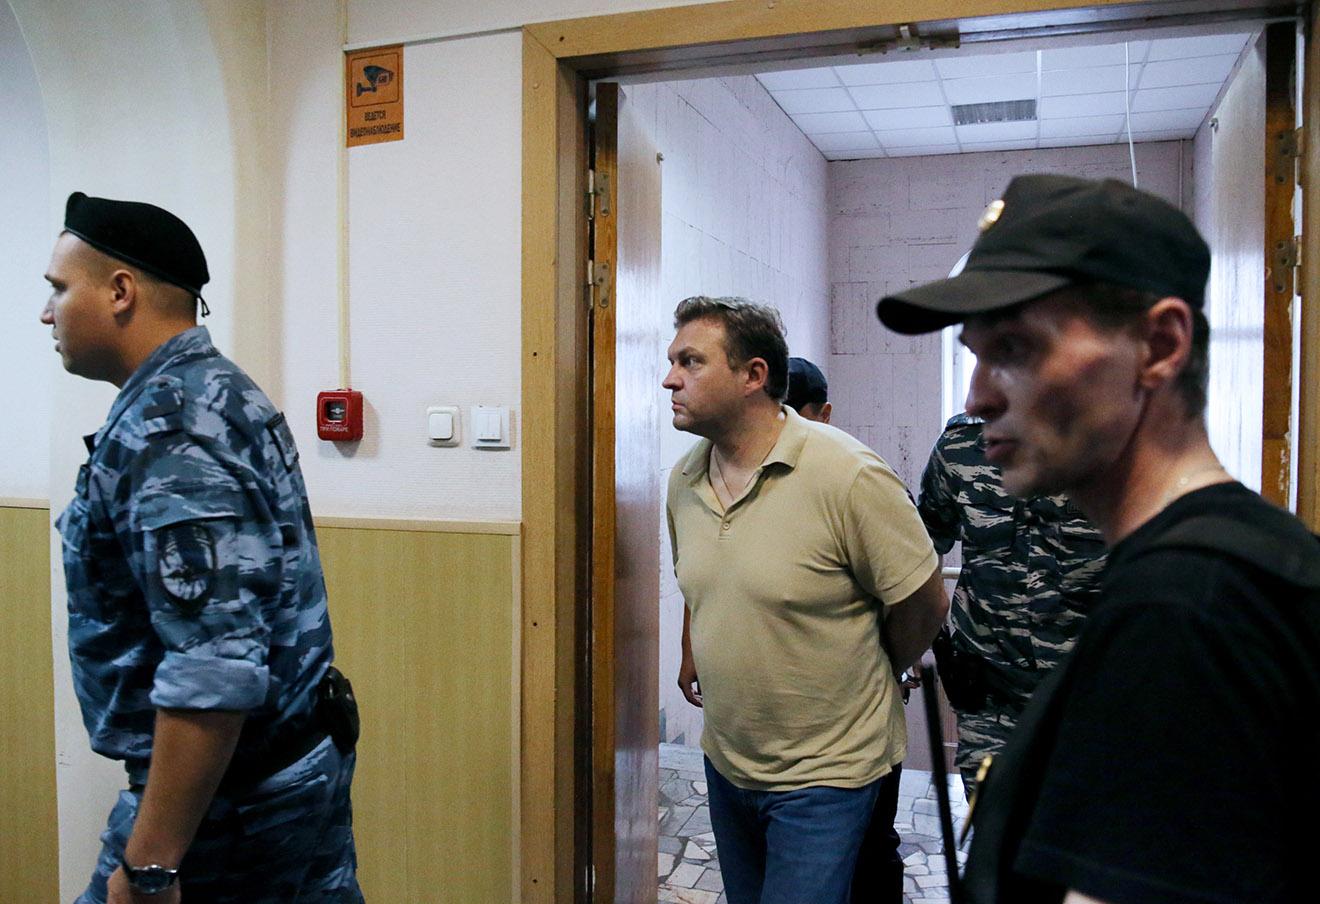 Никита Белых (в центре) перед рассмотрением ходатайства о продлении срока ареста в Басманном районном суде. Фото: Вячеслав Прокофьев / ТАСС